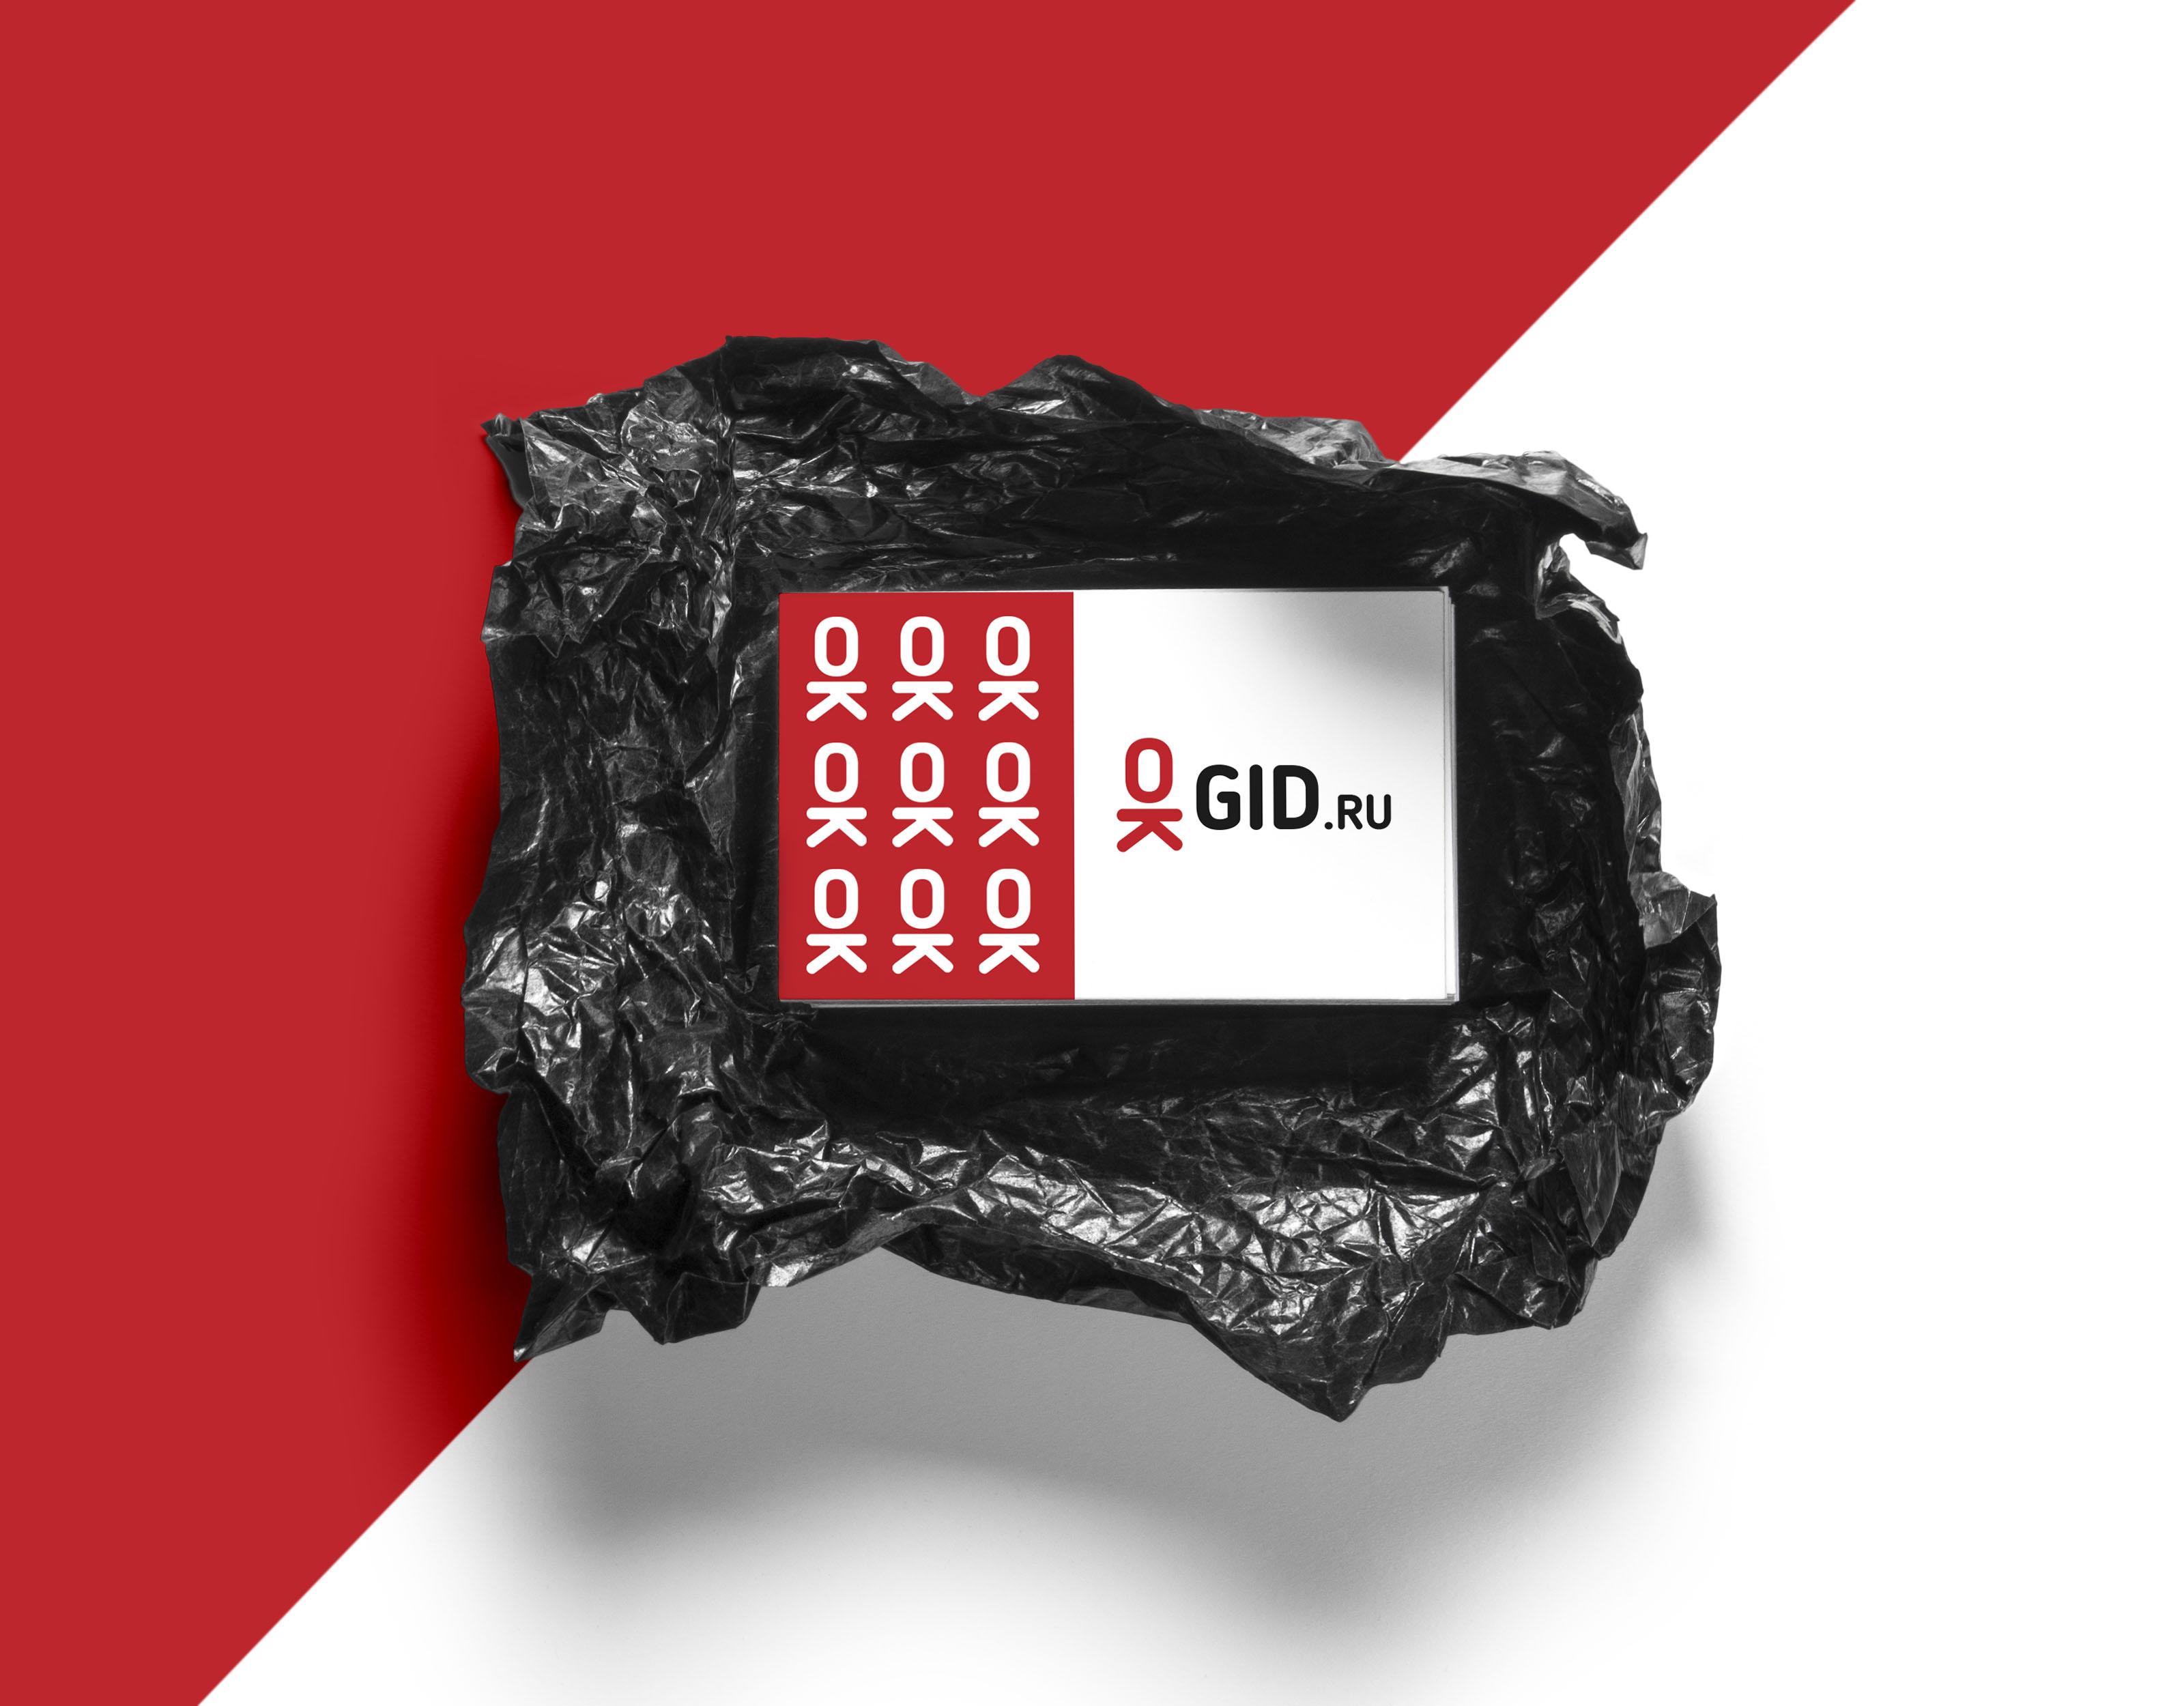 Логотип для сайта OKgid.ru фото f_66257c2df0abee9d.jpg